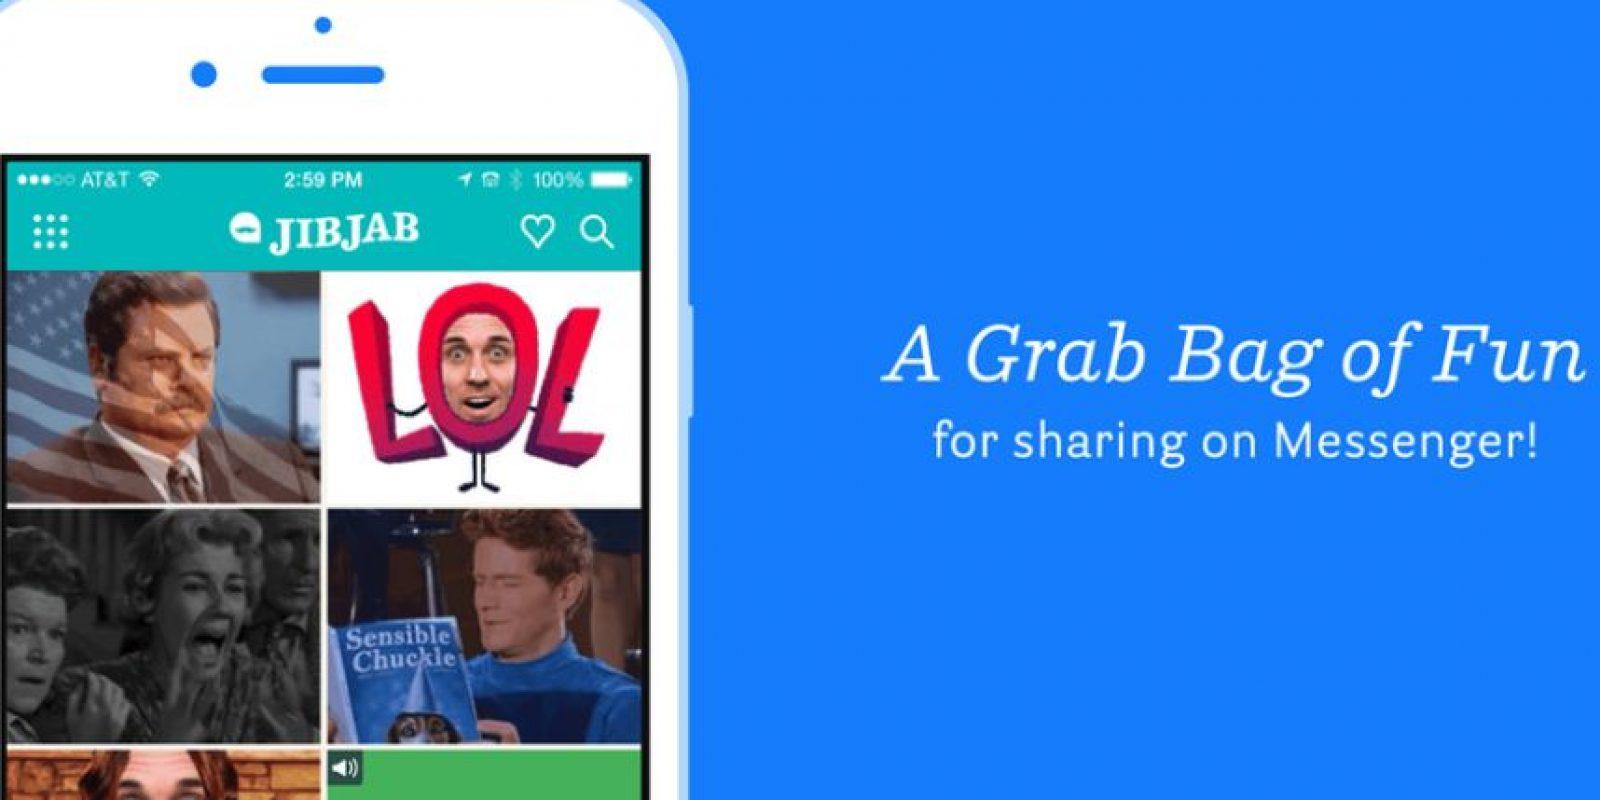 Quizás la más graciosa de estas apps sea JibJab. Sirve para hacer GIFs personalizados, con tu rostro en cuerpos animados. Foto:Twitter @JibJab